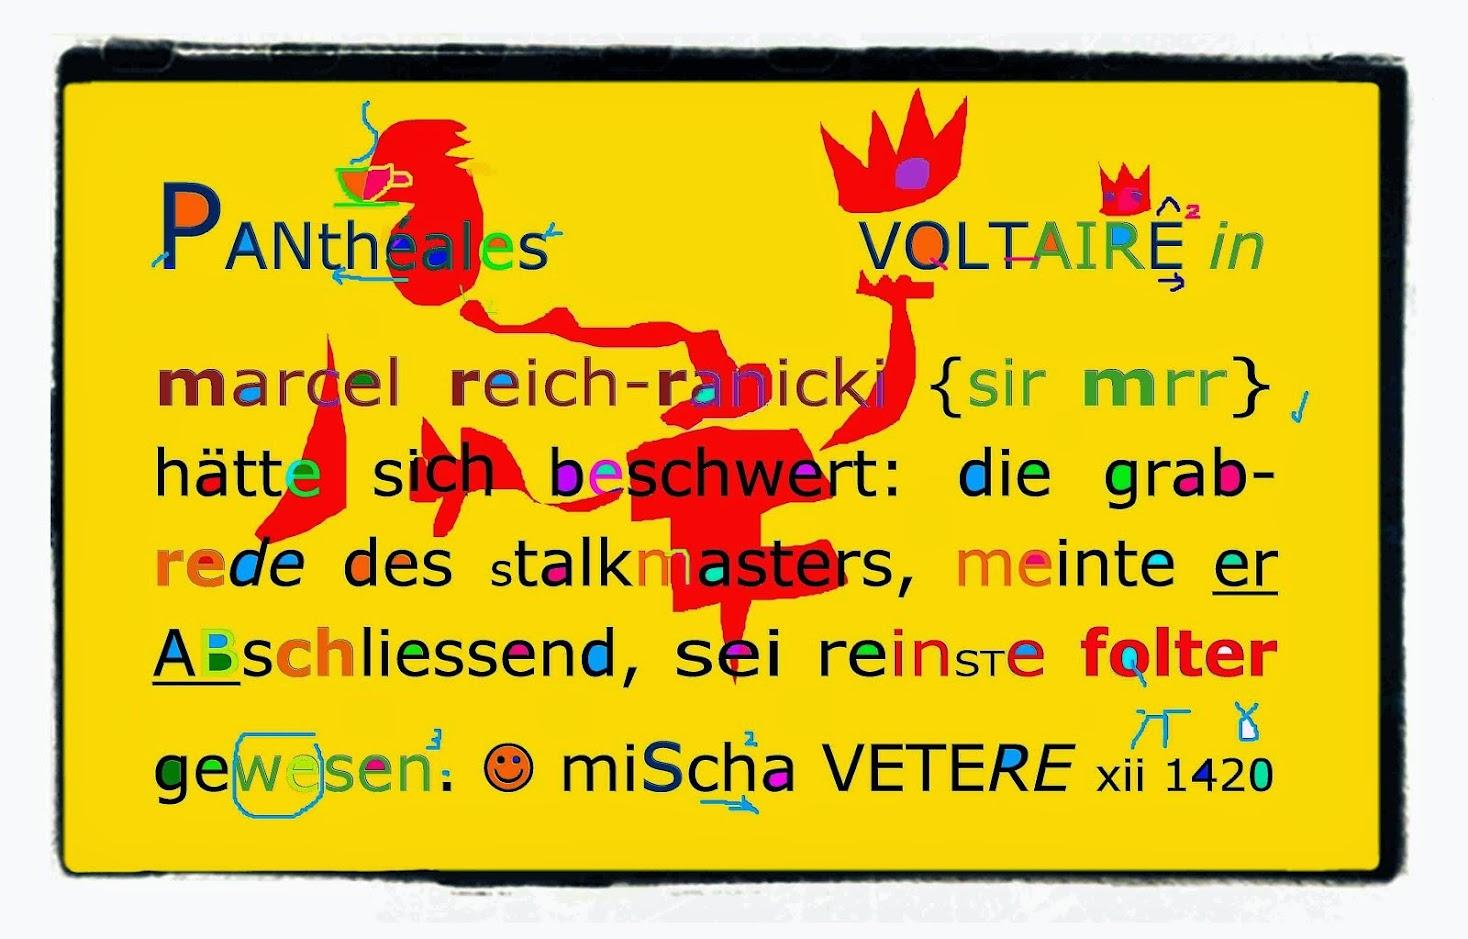 joachim gauck gottschalk marcel reich-ranicki DIE GEISTIGE REVOLUTION mischa vetere andrew VOLTAIRE